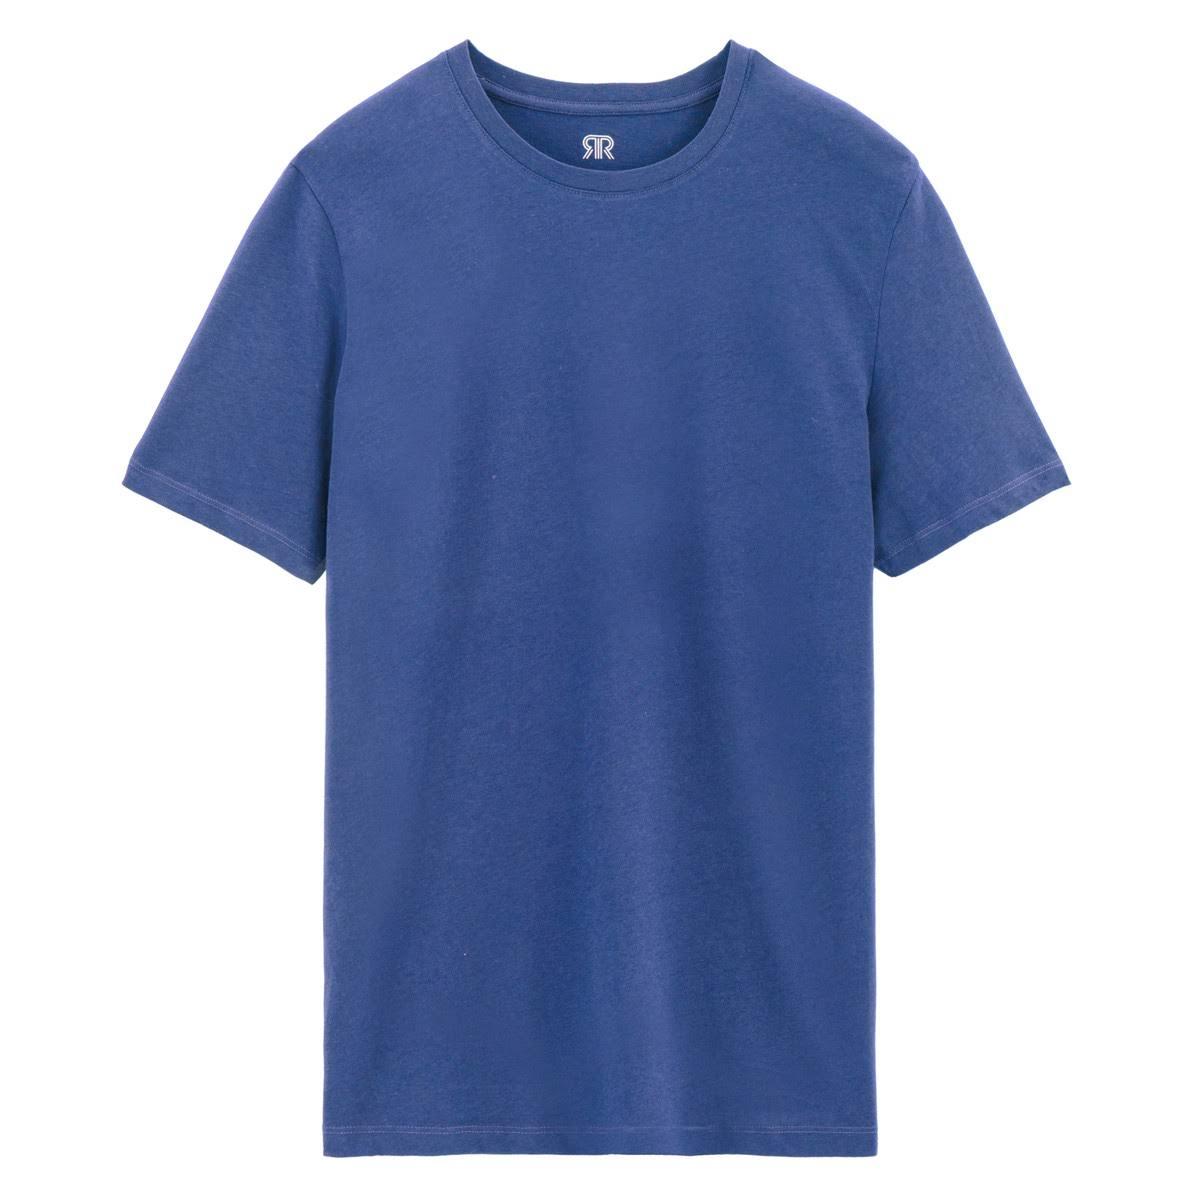 Größe Aus Von shirt Groß Redoute Mit Baumwolle T Rundhalsausschnitt Blue La In Collections Aqua qn7RxTX